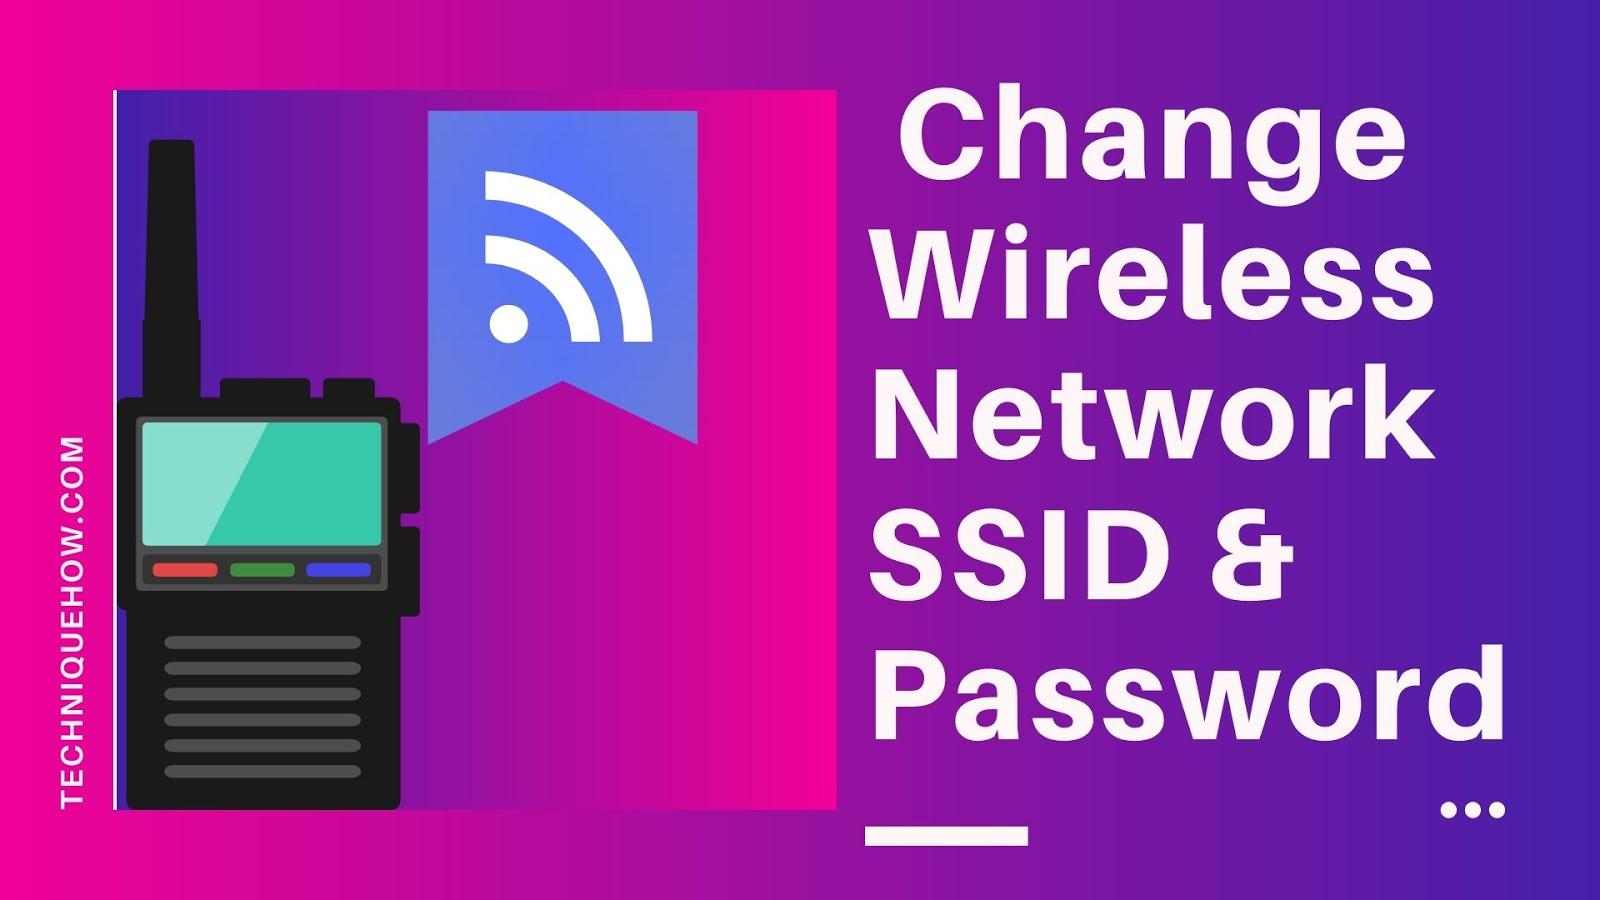 SSID password